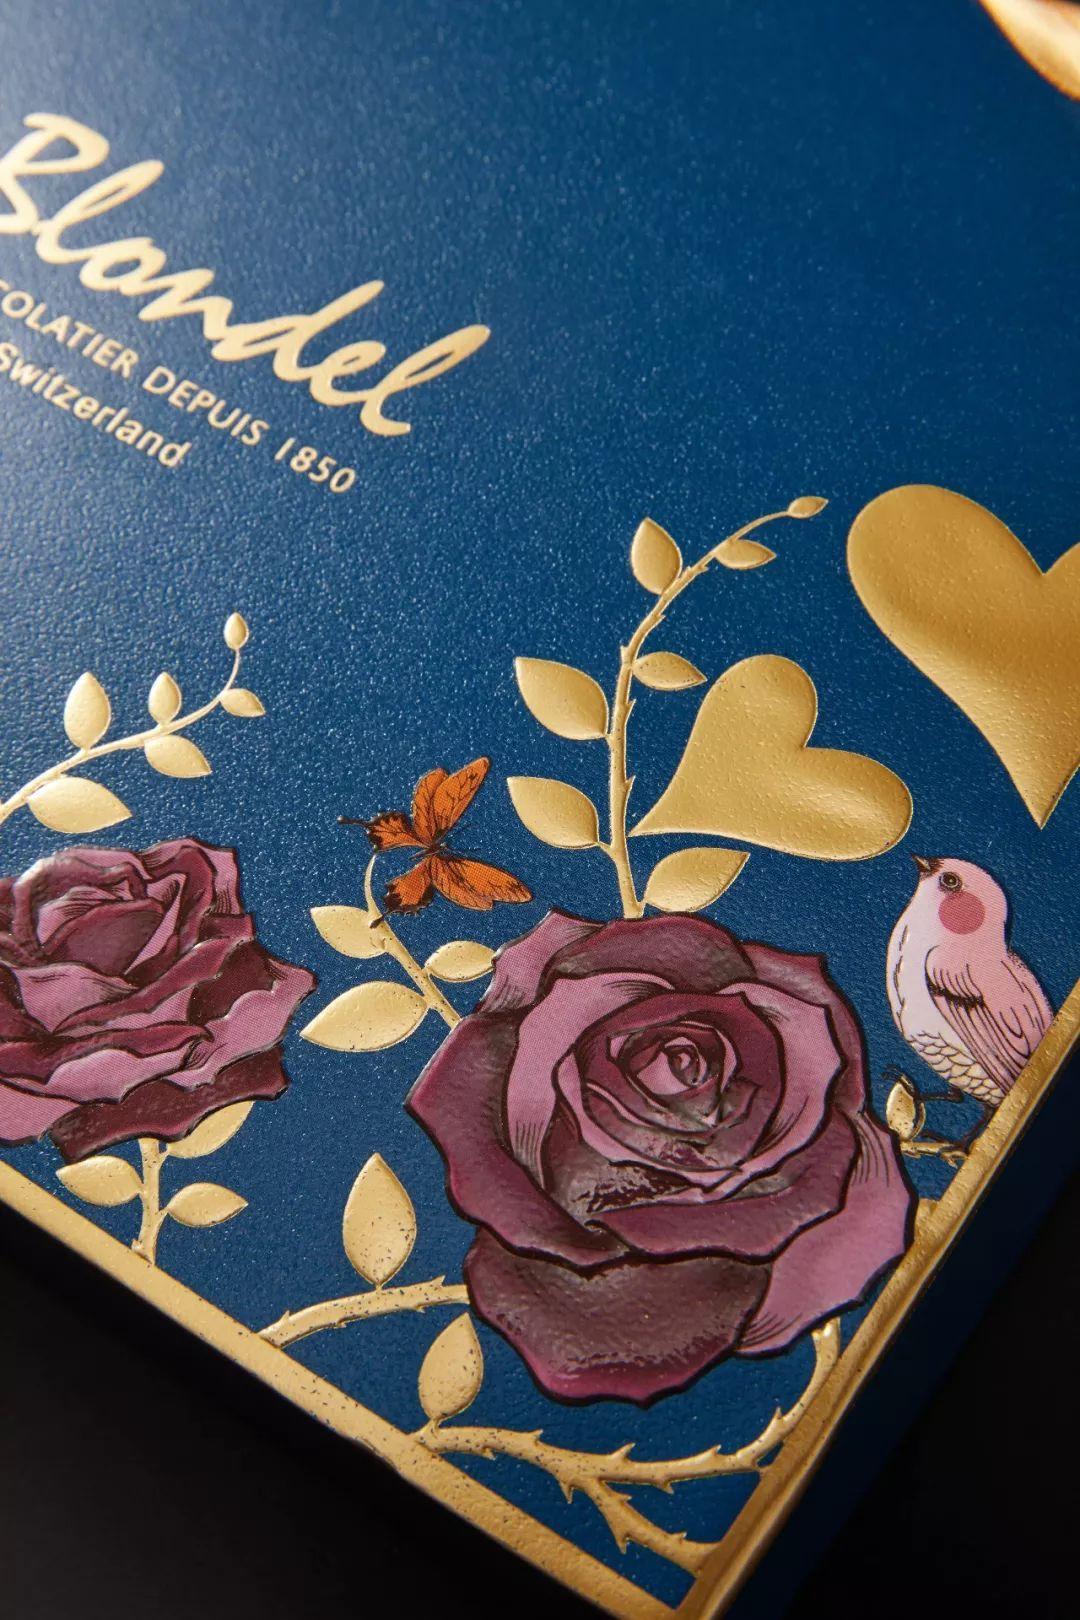 夜莺与玫瑰英文版_象征爱情的玫瑰,落在枝头的一对夜莺,从礼盒的包装也能看得出浓浓的